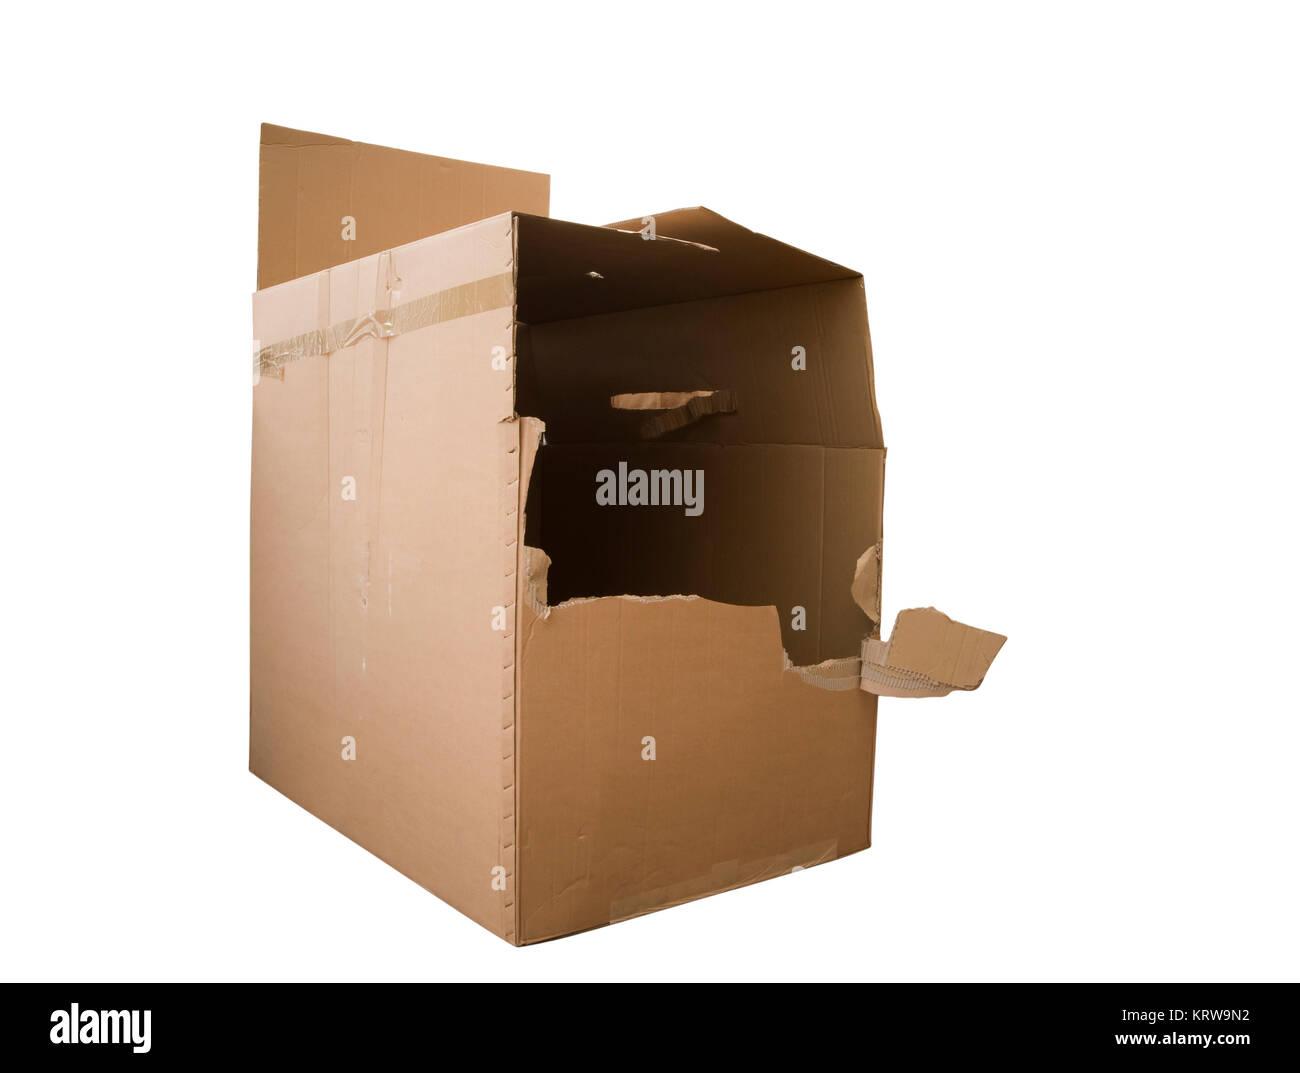 aufgerissener Papp-Karton isoliert auf Weiß. Stock Photo